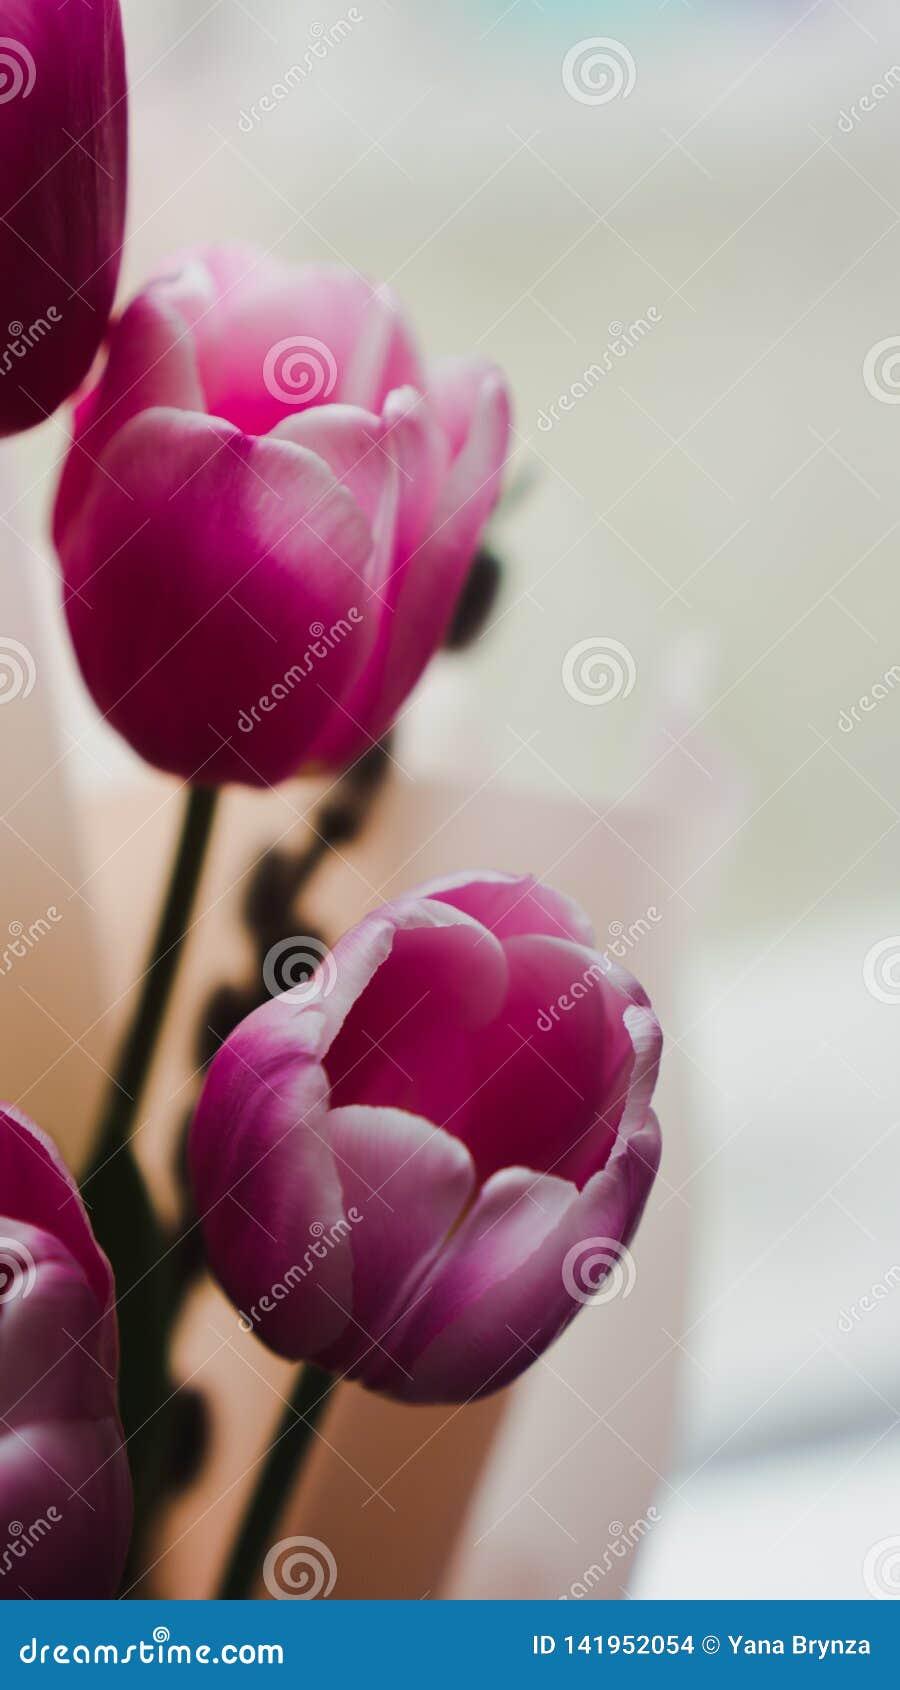 Flores da mola - um ramalhete das tulipas cor-de-rosa iluminadas com luz suave